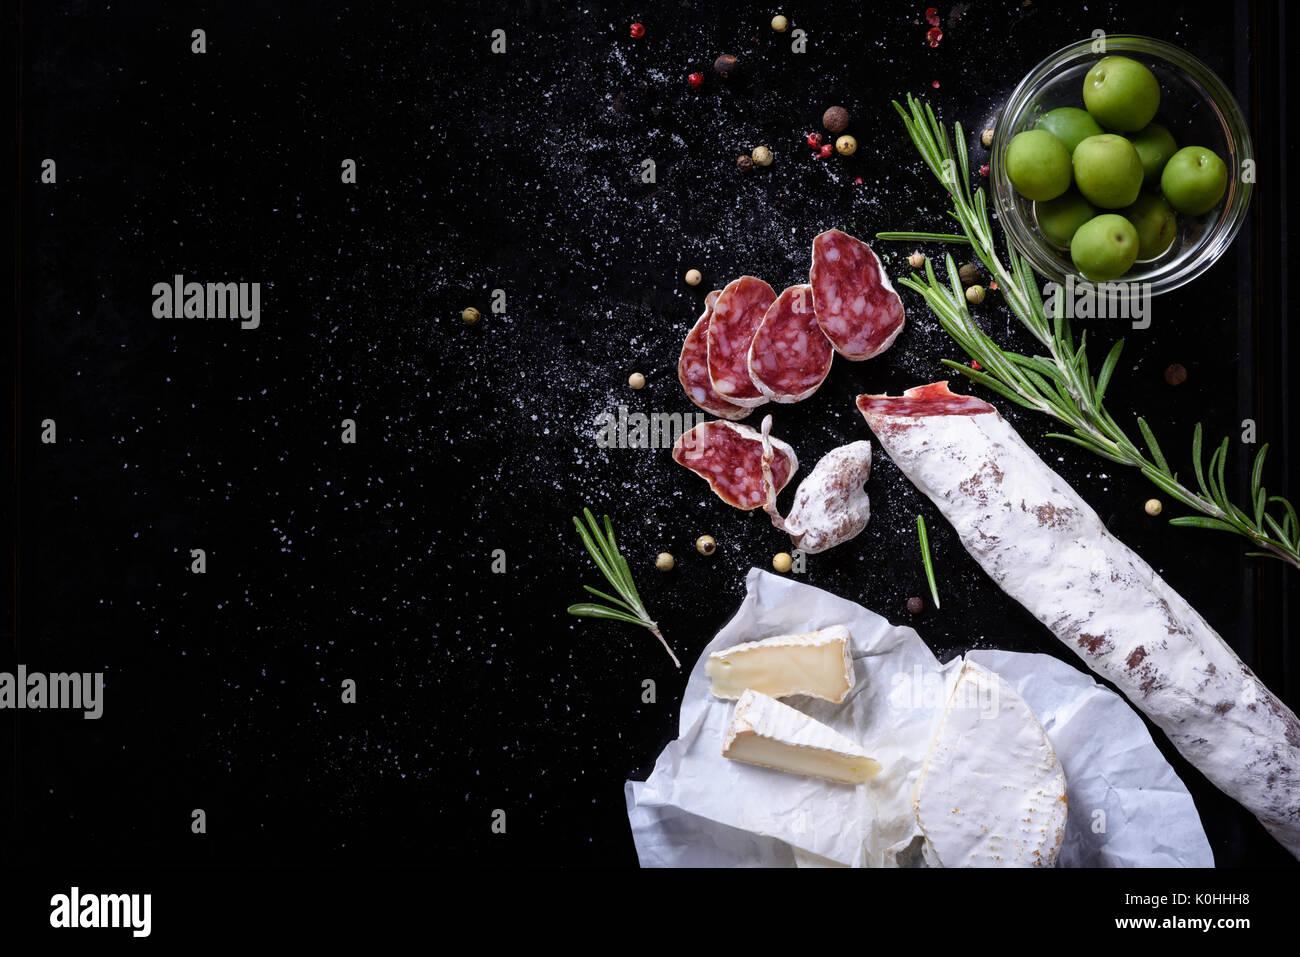 Ausgehärtete Fuet in Scheiben schneiden, mit Käse und Oliven. Salami wurst Snacks. Platz kopieren, oben, dunklen Hintergrund. Stockbild